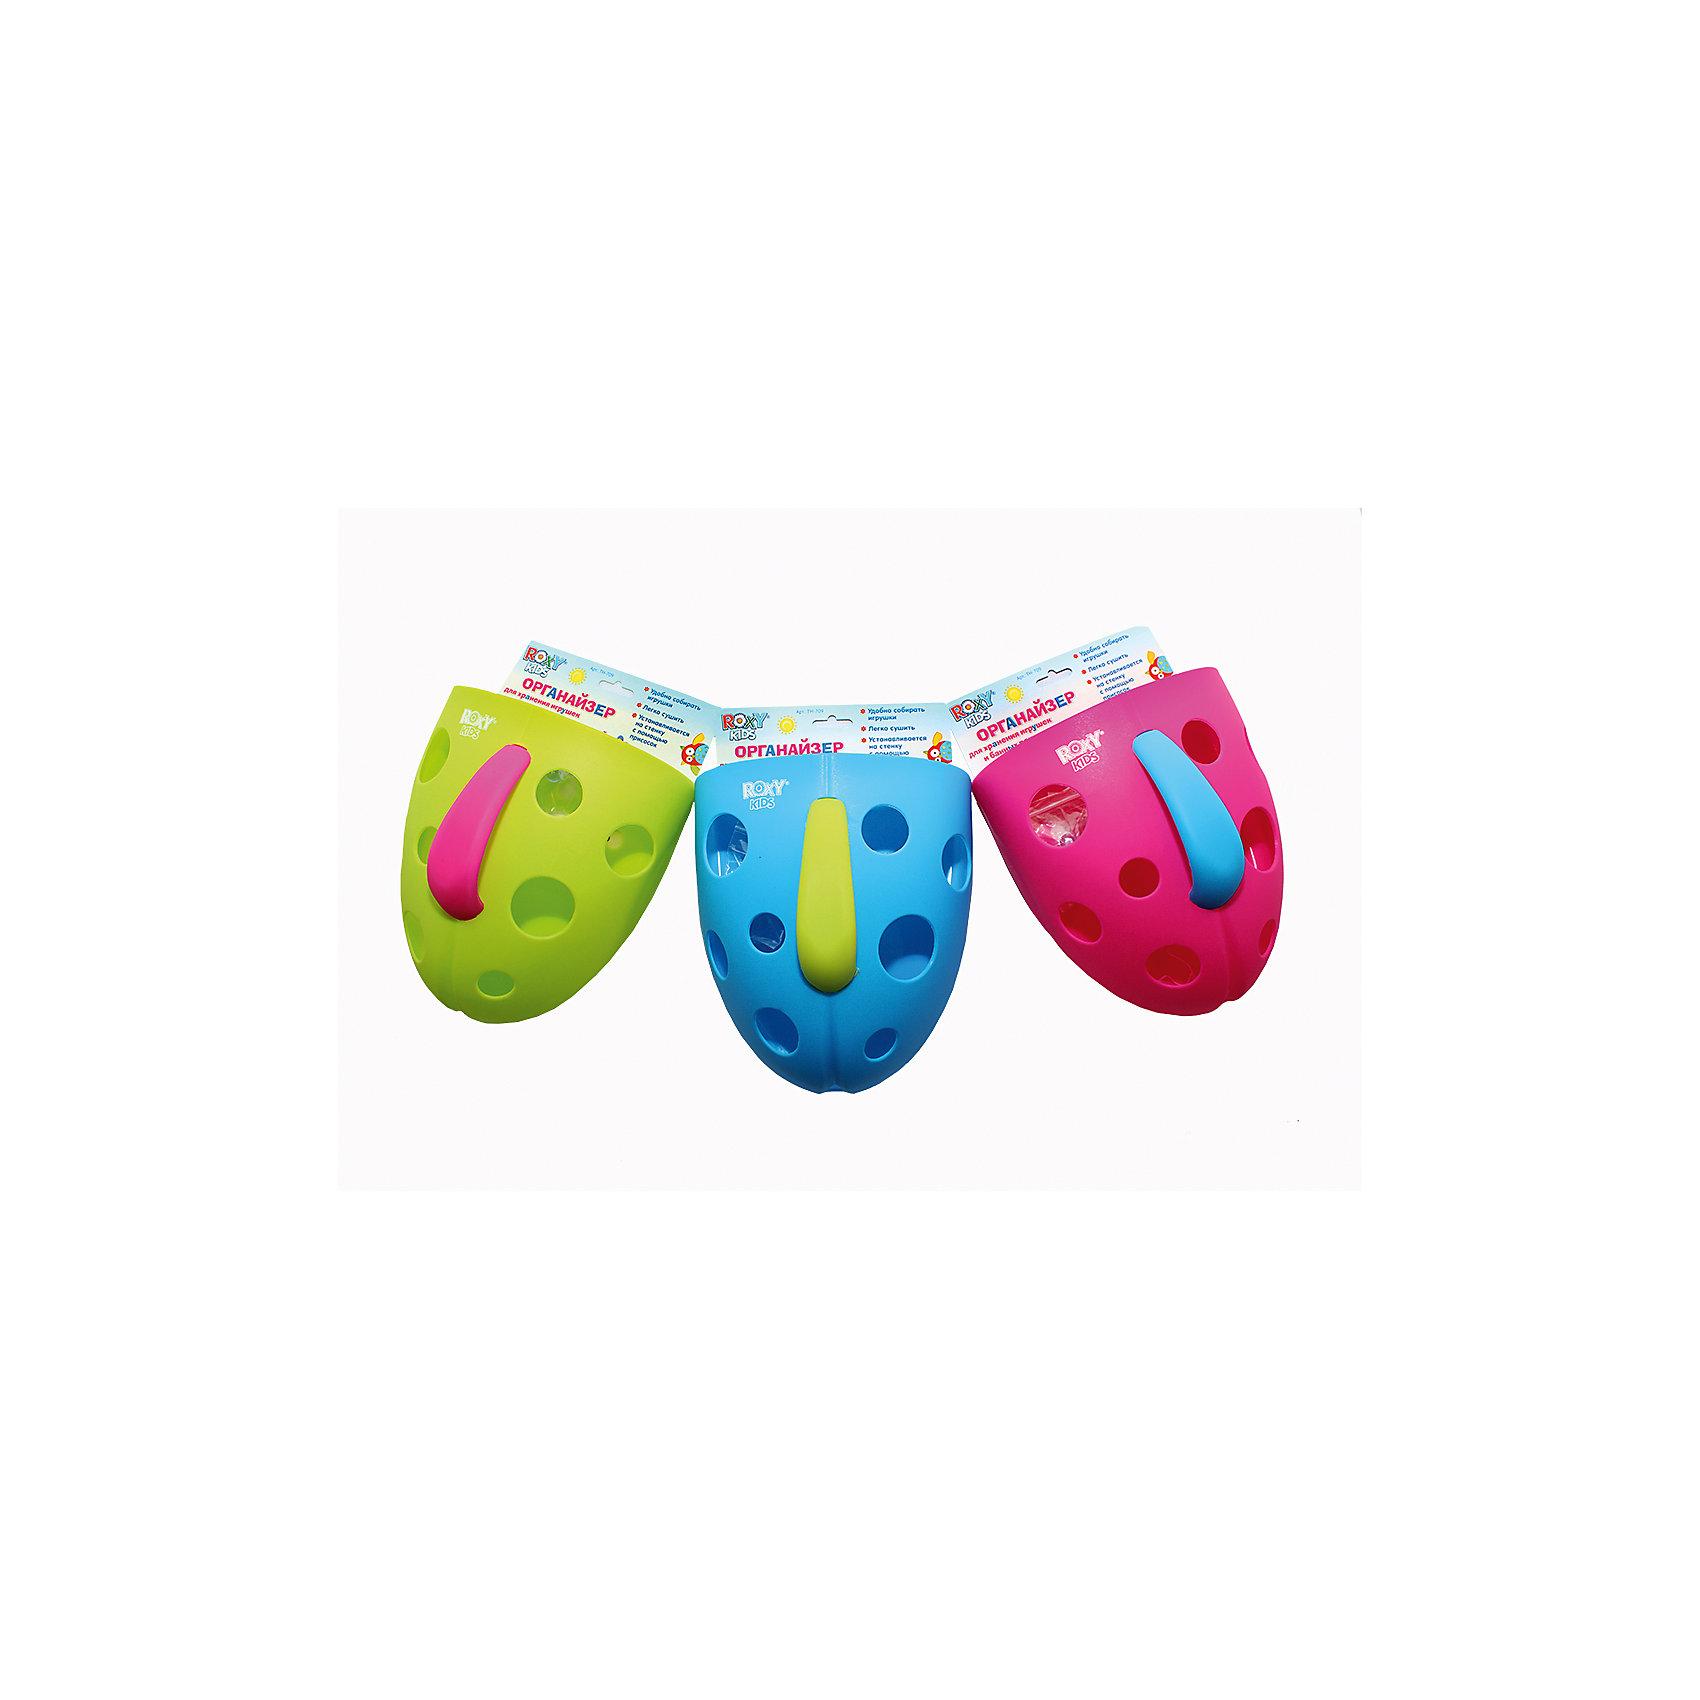 Органайзер для игрушек на присоске, Roxy-Kids, розовый